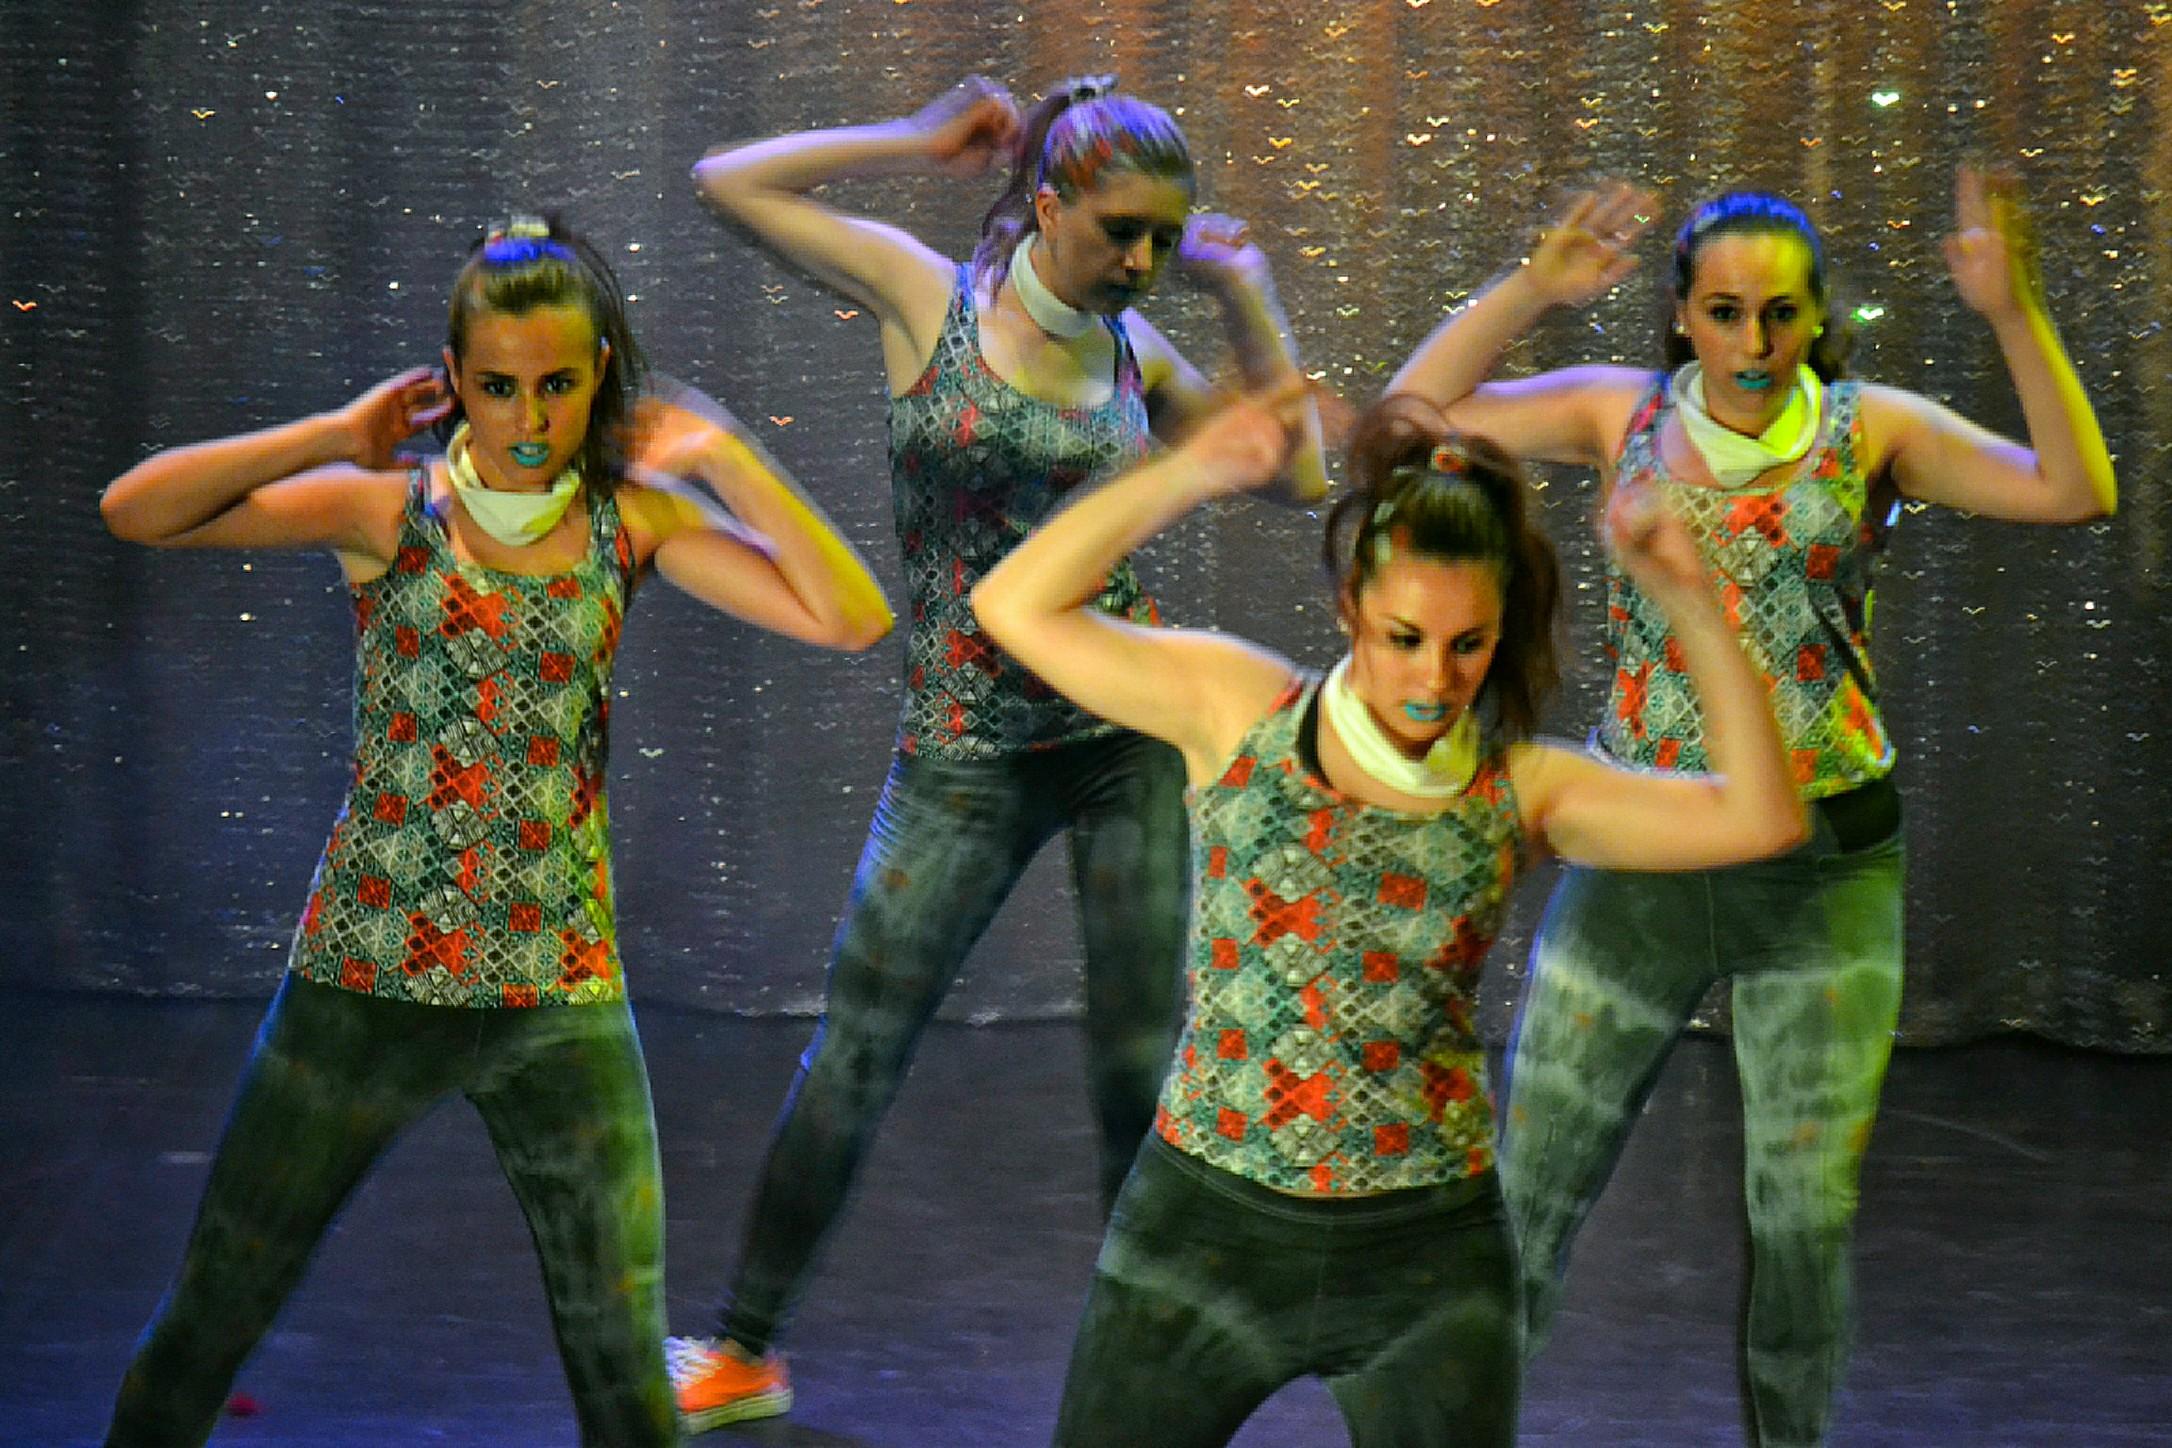 Linea-de-Baile-festival-verano-2015-clases-de-baile-valencia-55